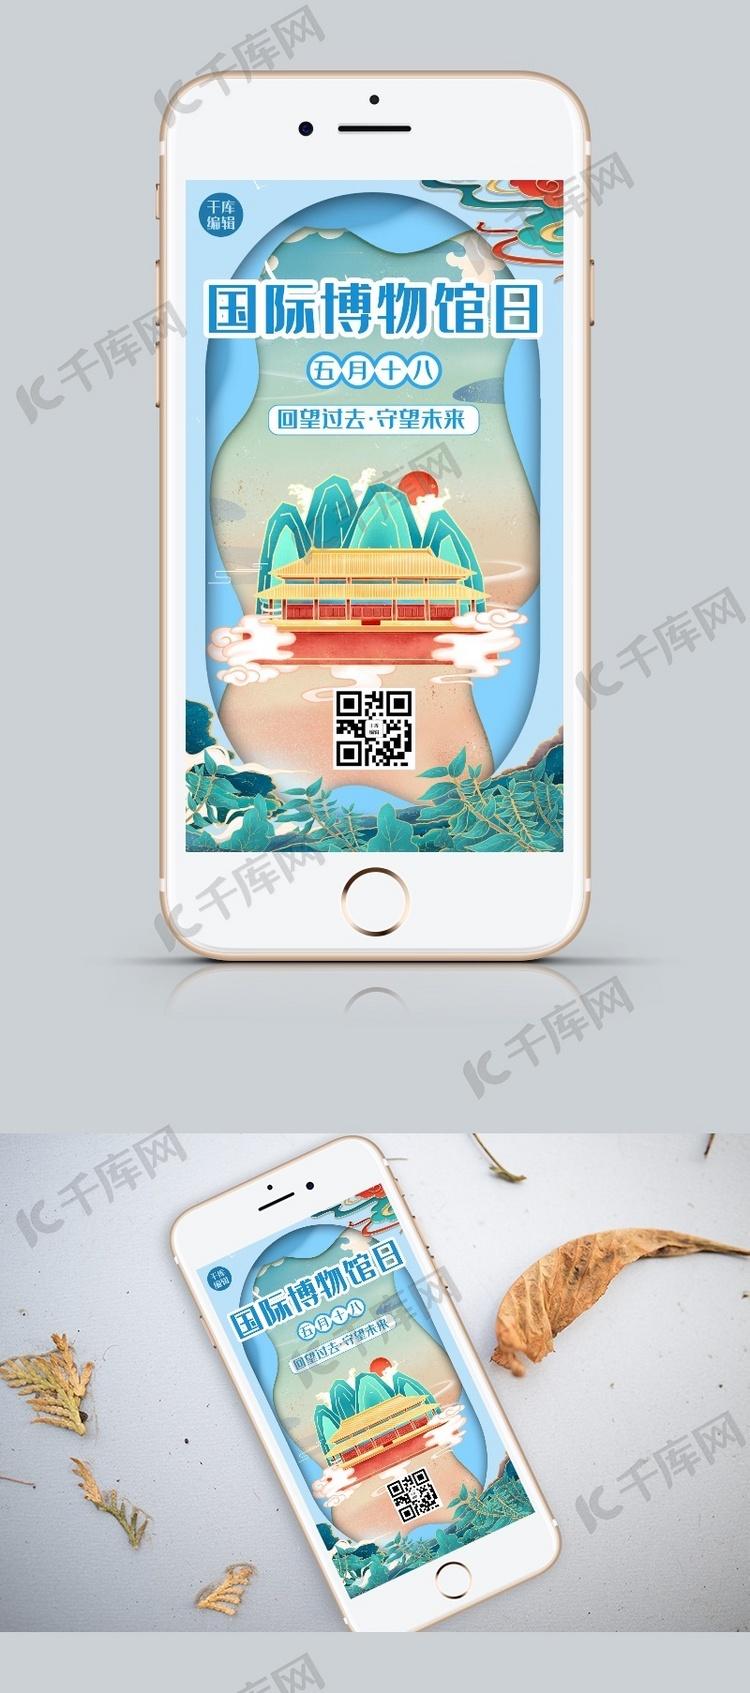 博物馆日故宫博物馆蓝色国潮风手机海报